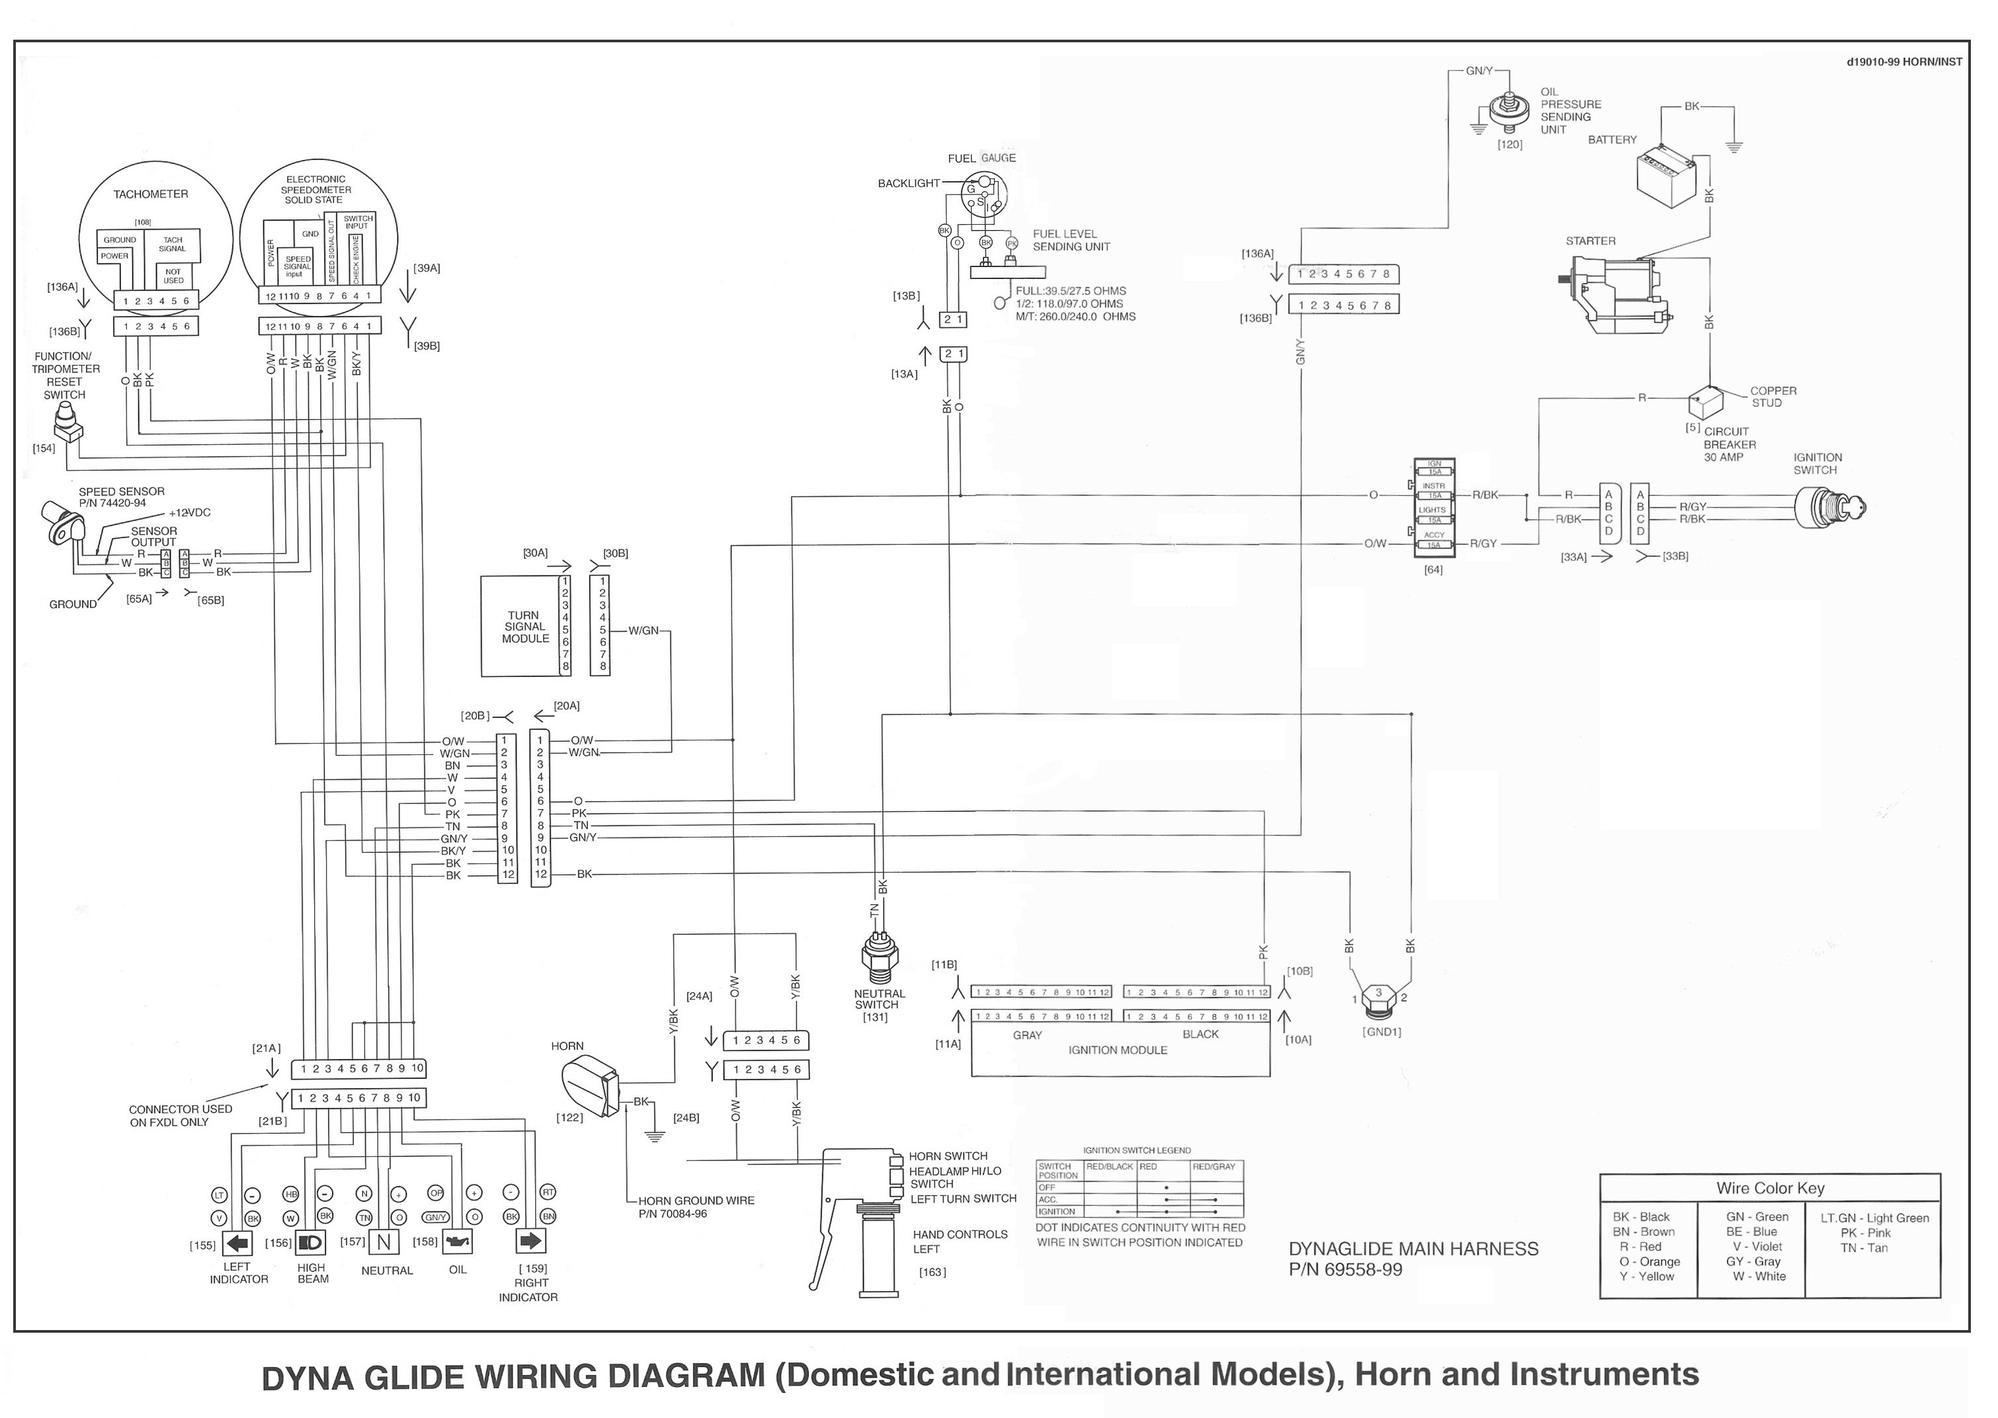 diagram] harley davidson dyna ignition wiring diagram full version hd  quality wiring diagram - diagraminfo.dn-mag.fr  dn-mag